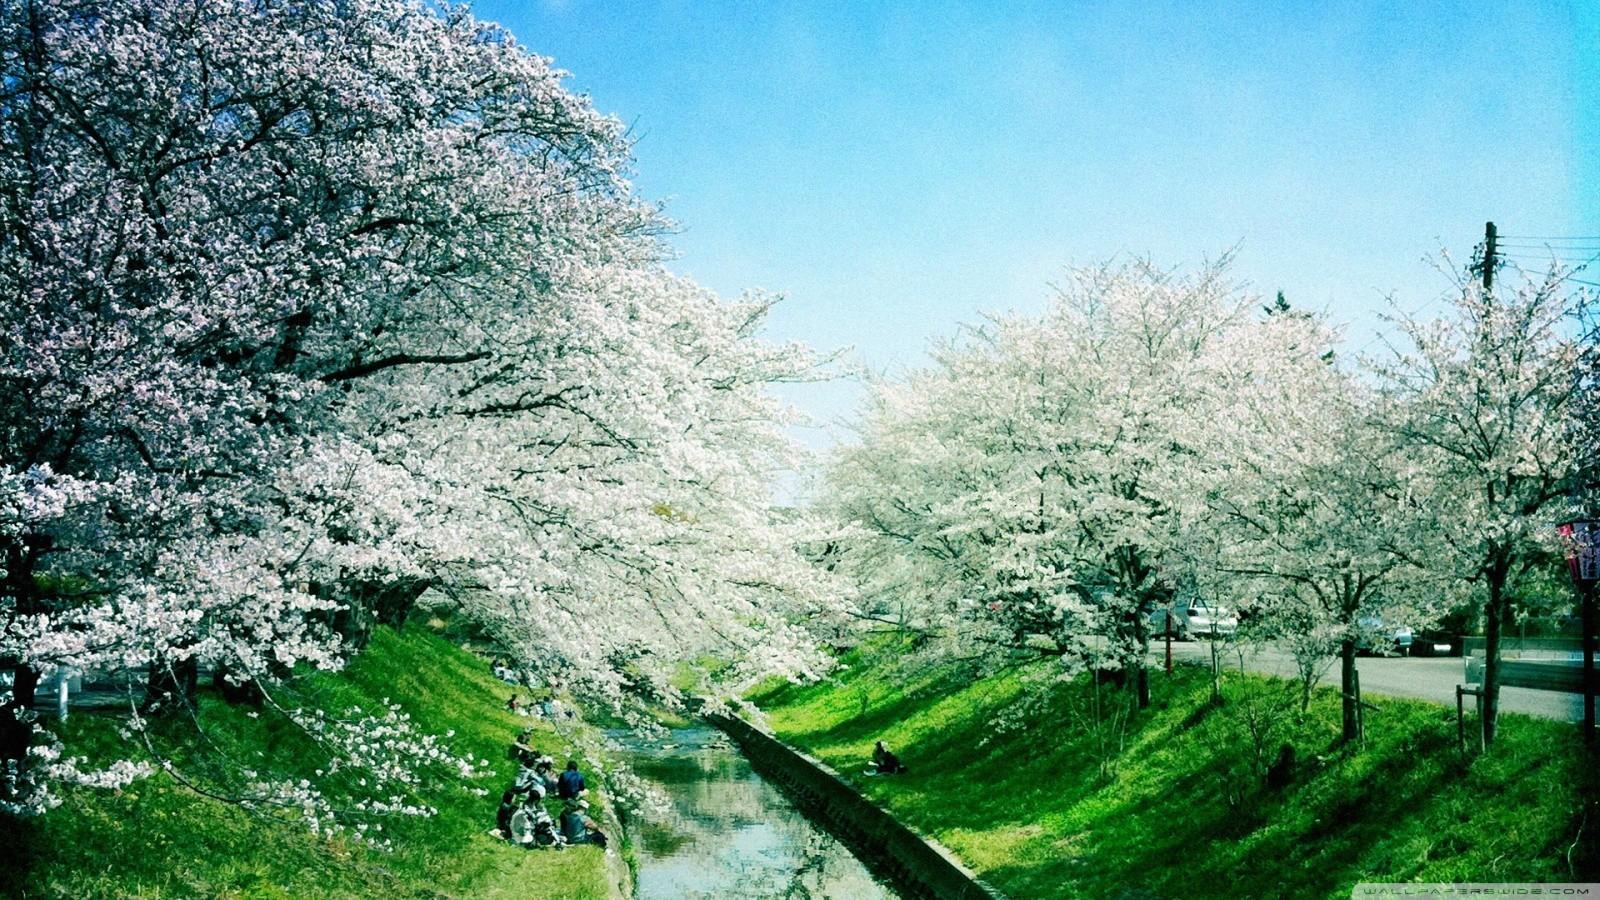 Spring season wallpaper 14292 PC en 1600x900